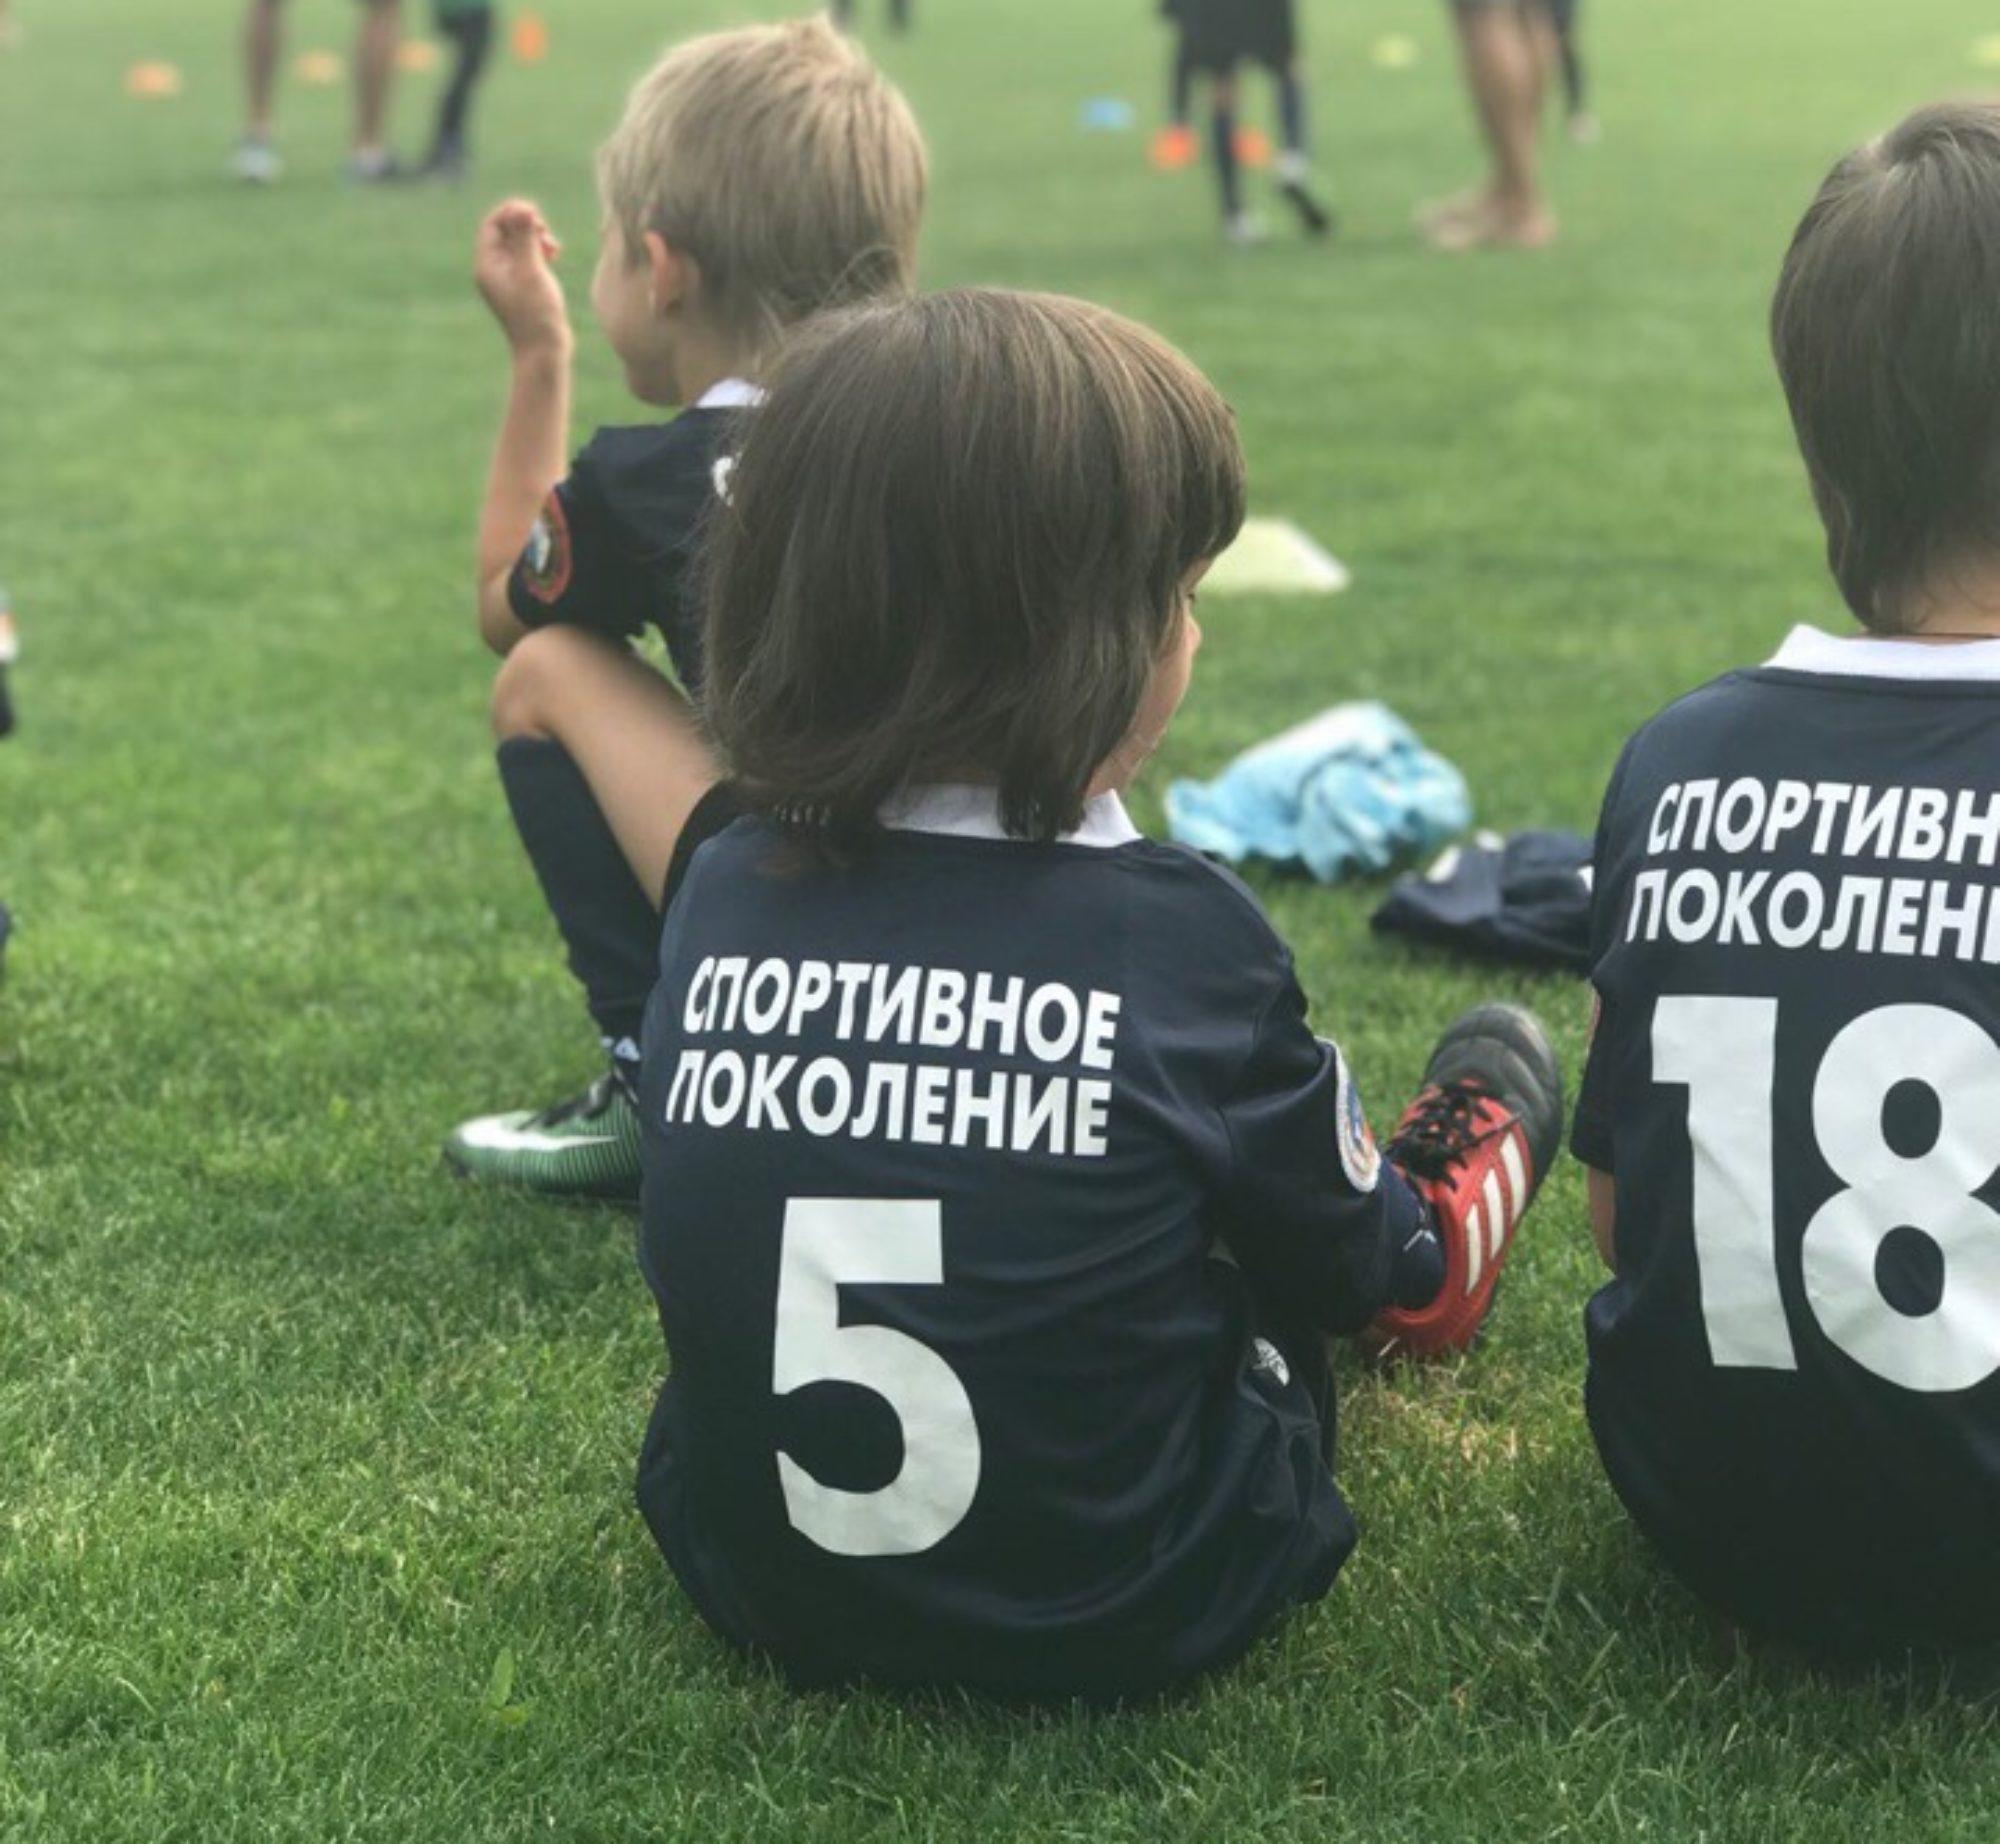 dcspofficial.ru